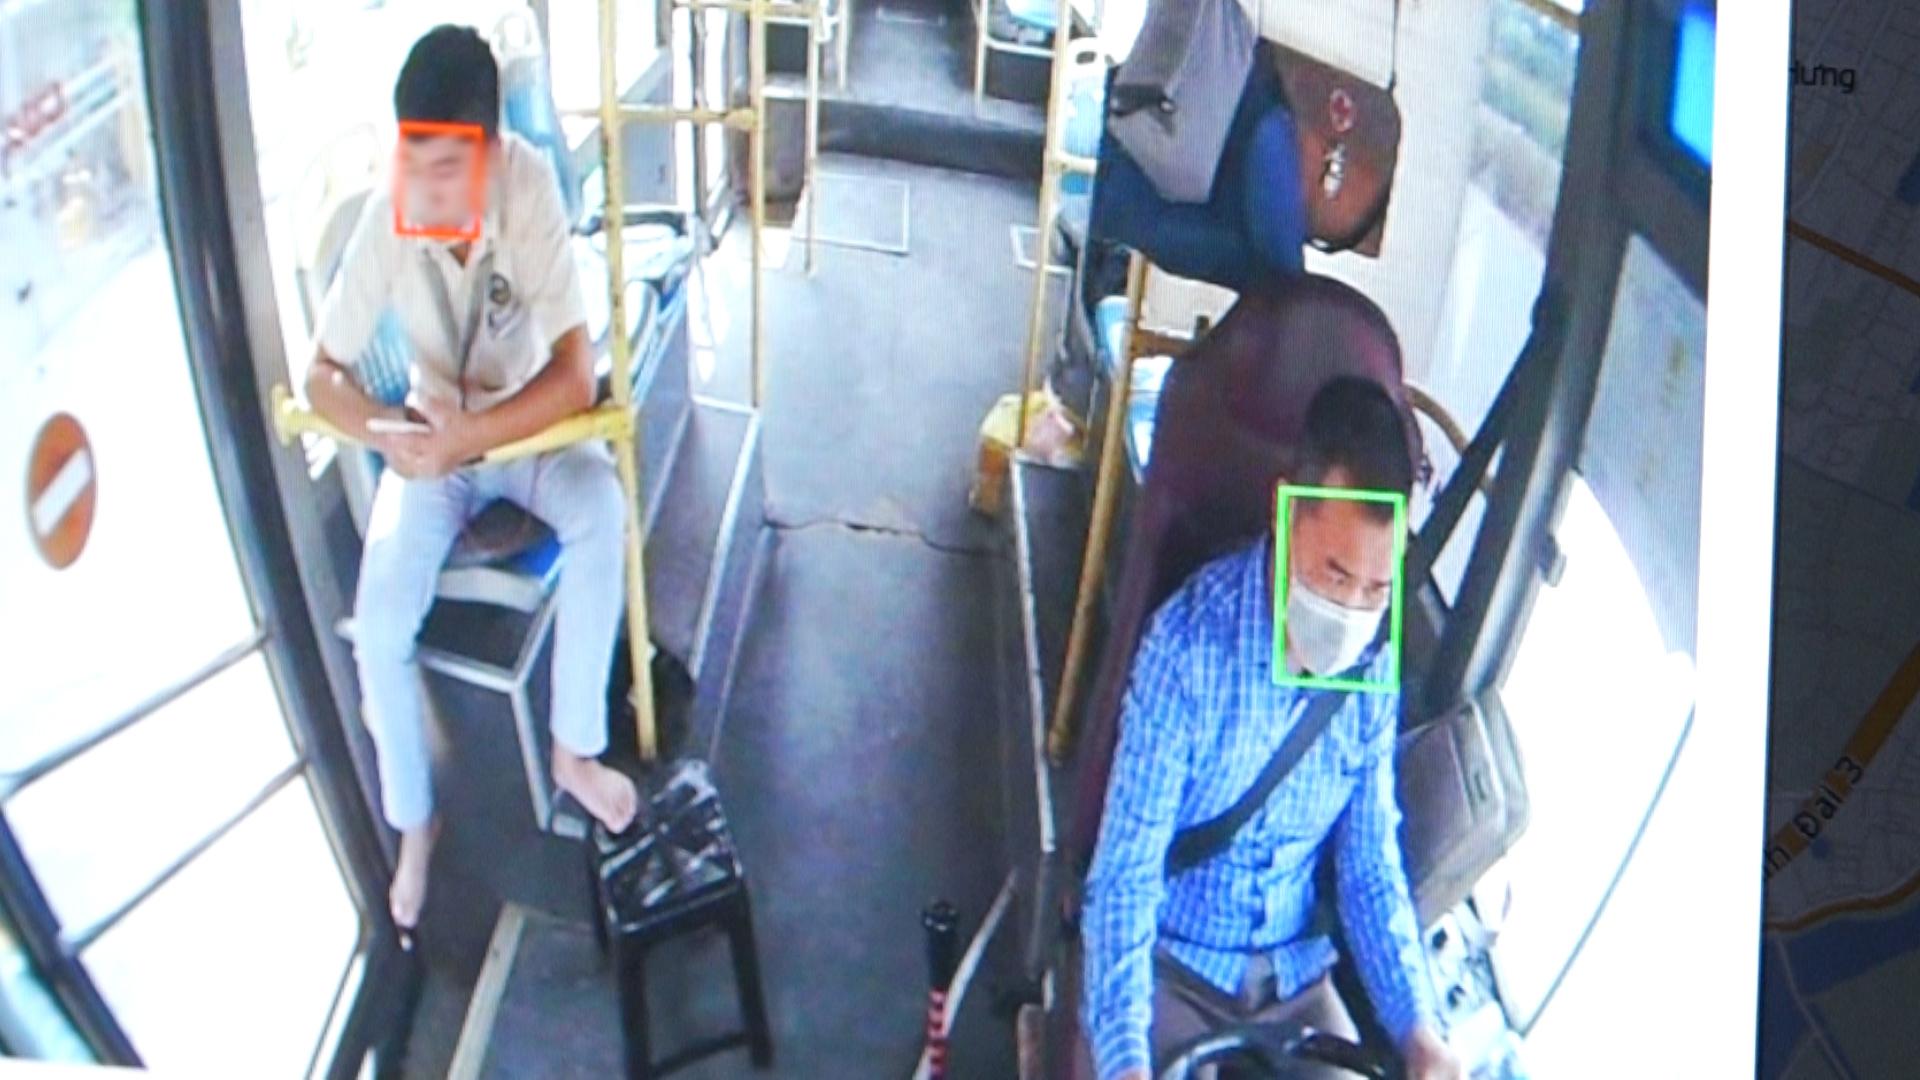 Camera AI phát hiện người không đeo khẩu trang trên xe buýt